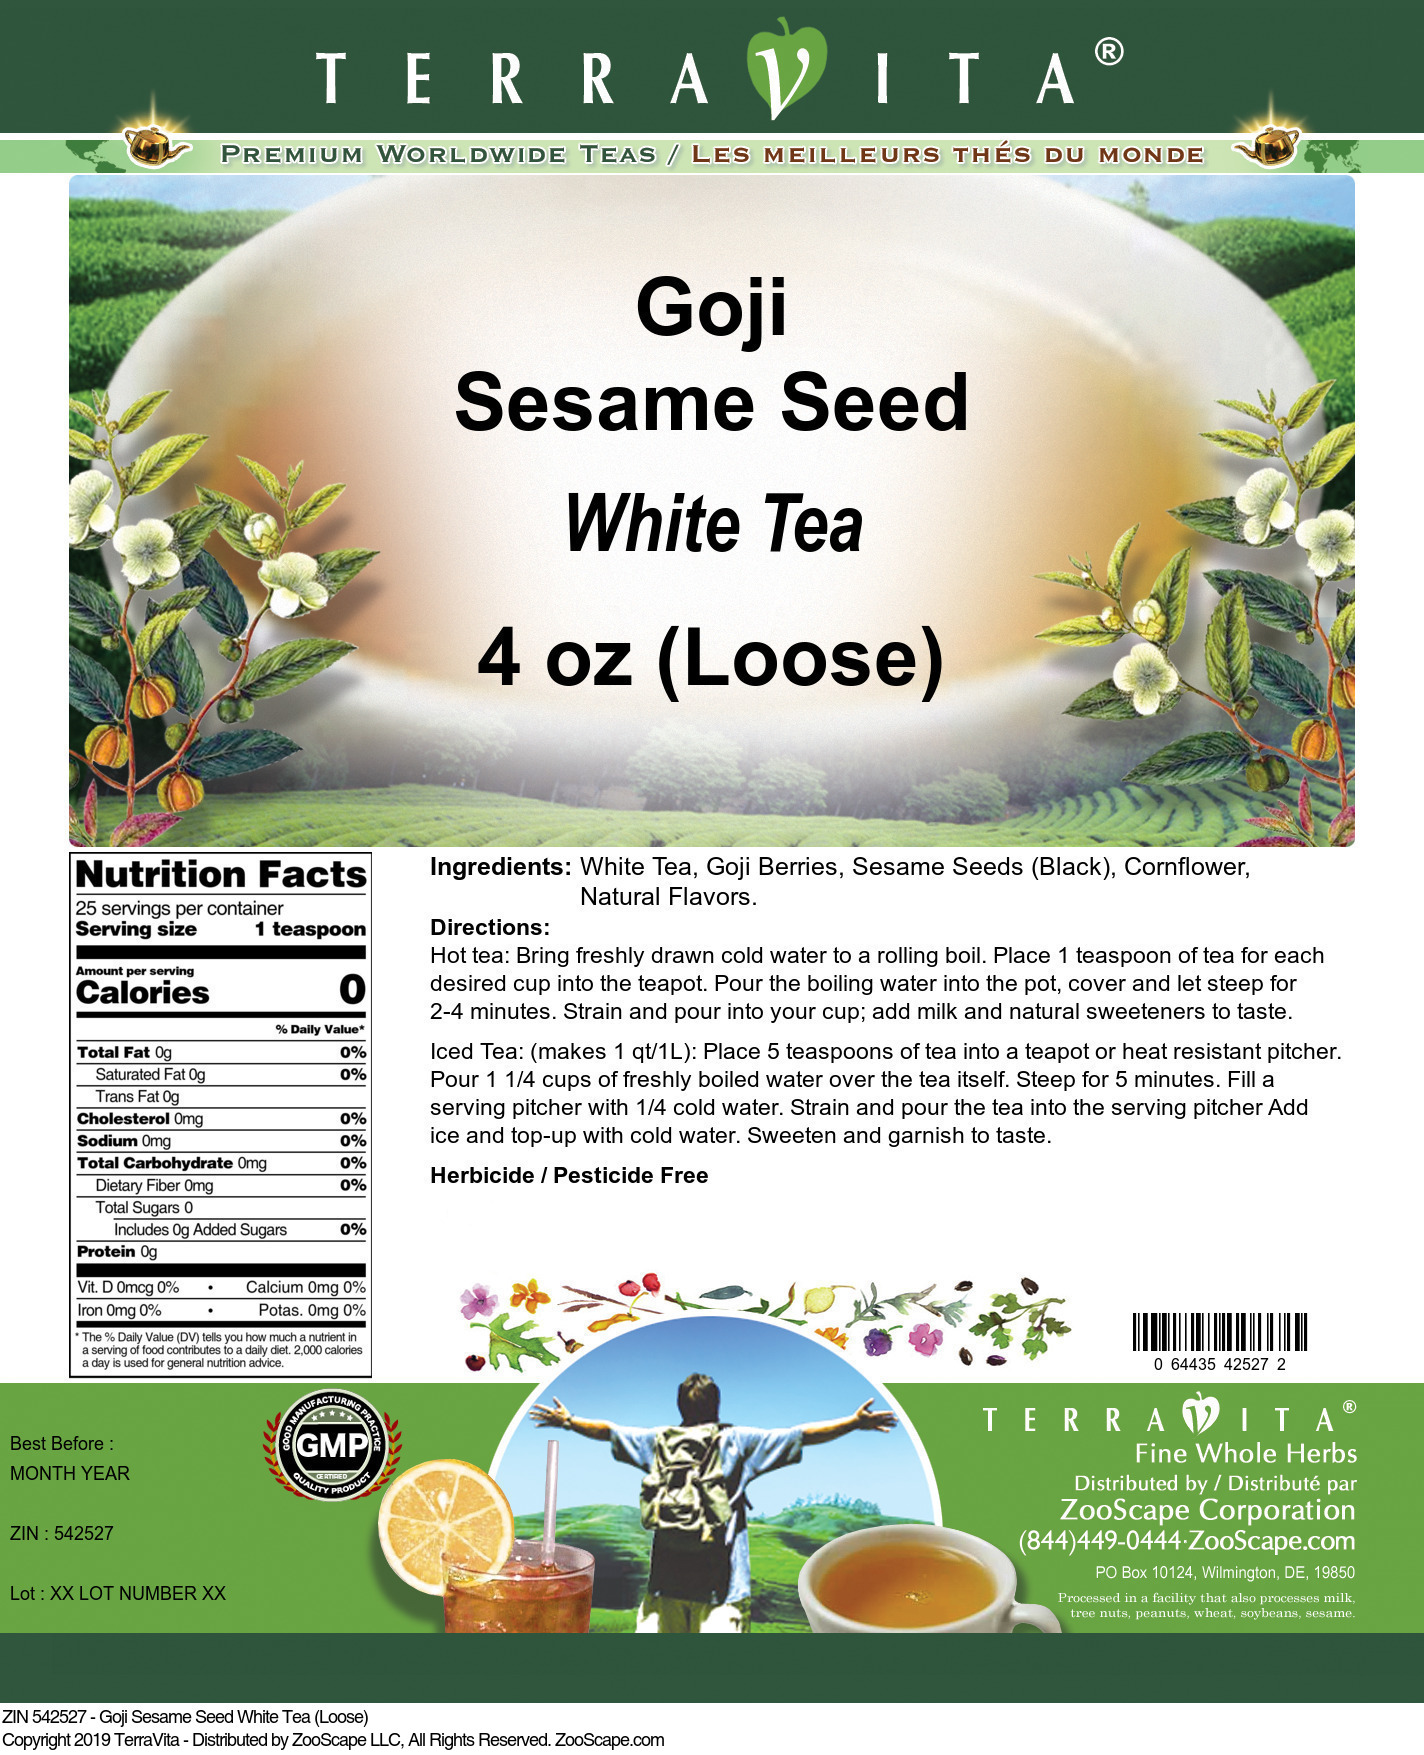 Goji Sesame Seed White Tea (Loose)